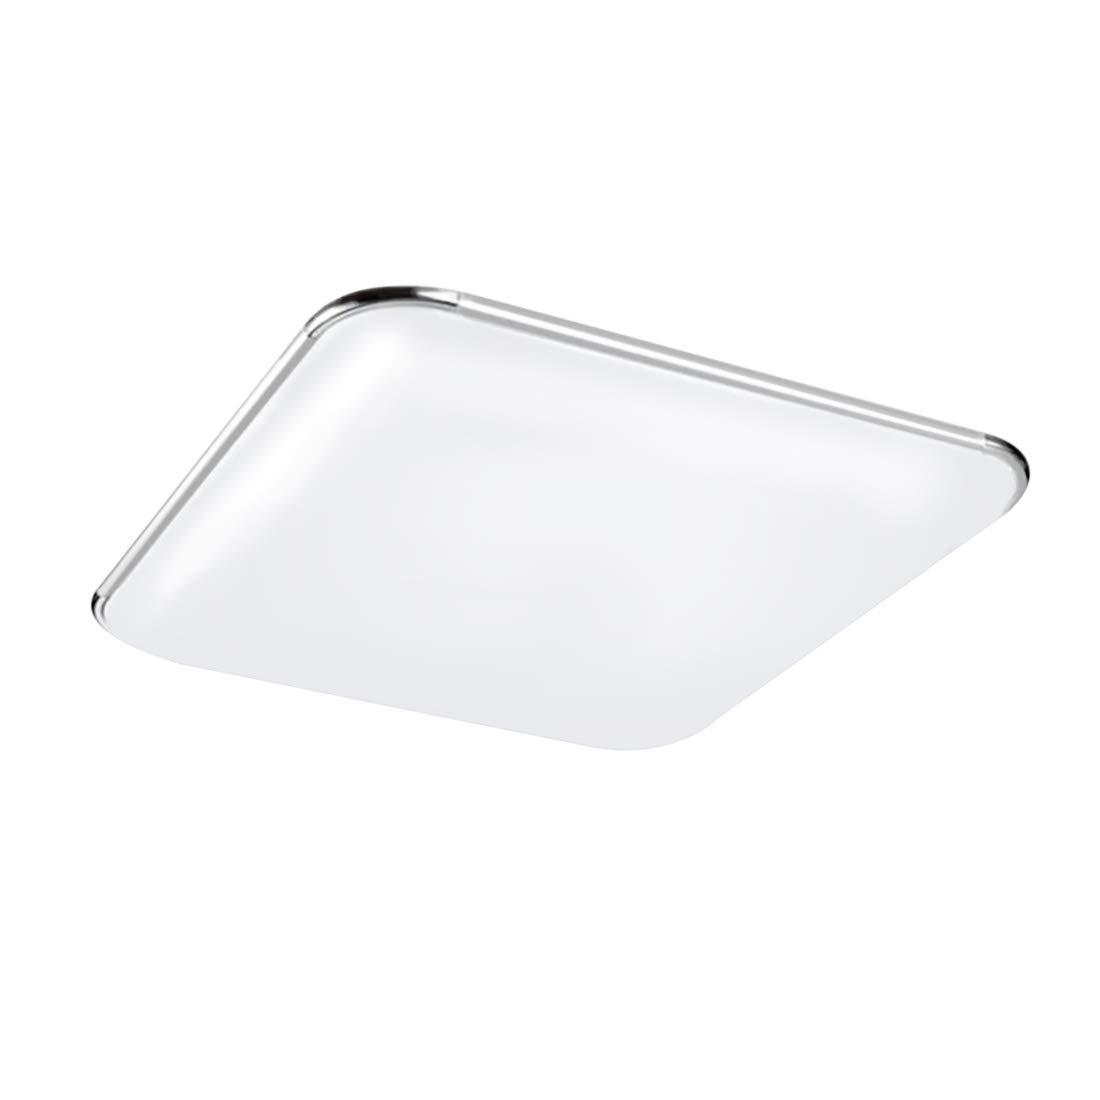 LED Ceiling Lights 12W 12-inch Flush Mount Lighting 6000K- 6500K Daylight White for Living Room Hallway Office Kitchen 3S3030LY